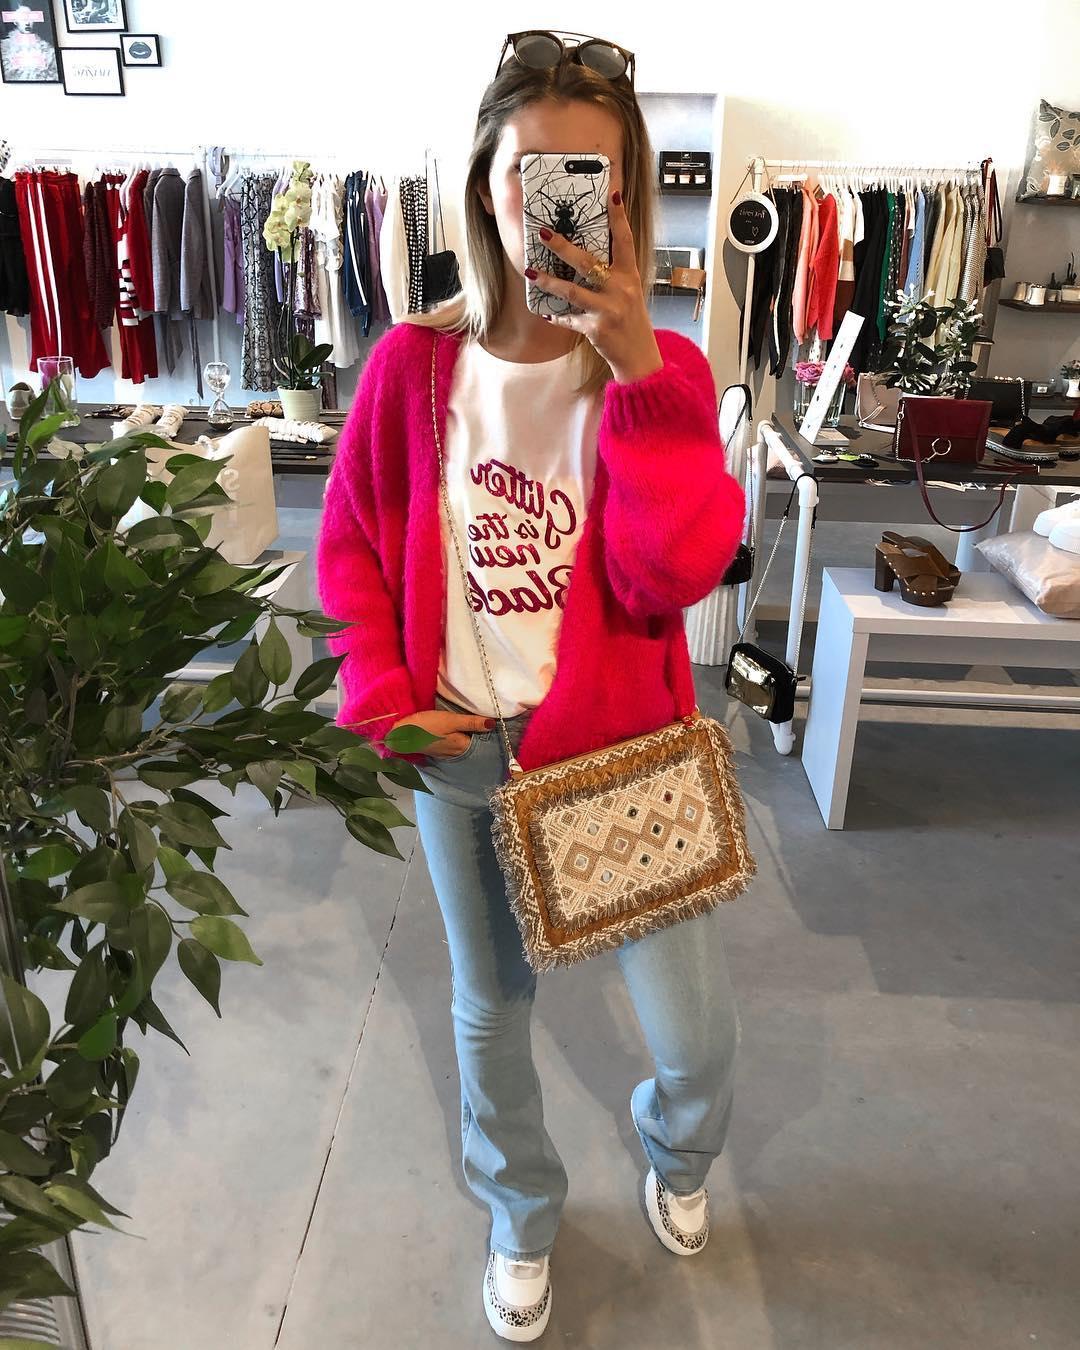 bernadette rose fluo de Les Bourgeoises sur joyetpaillettes